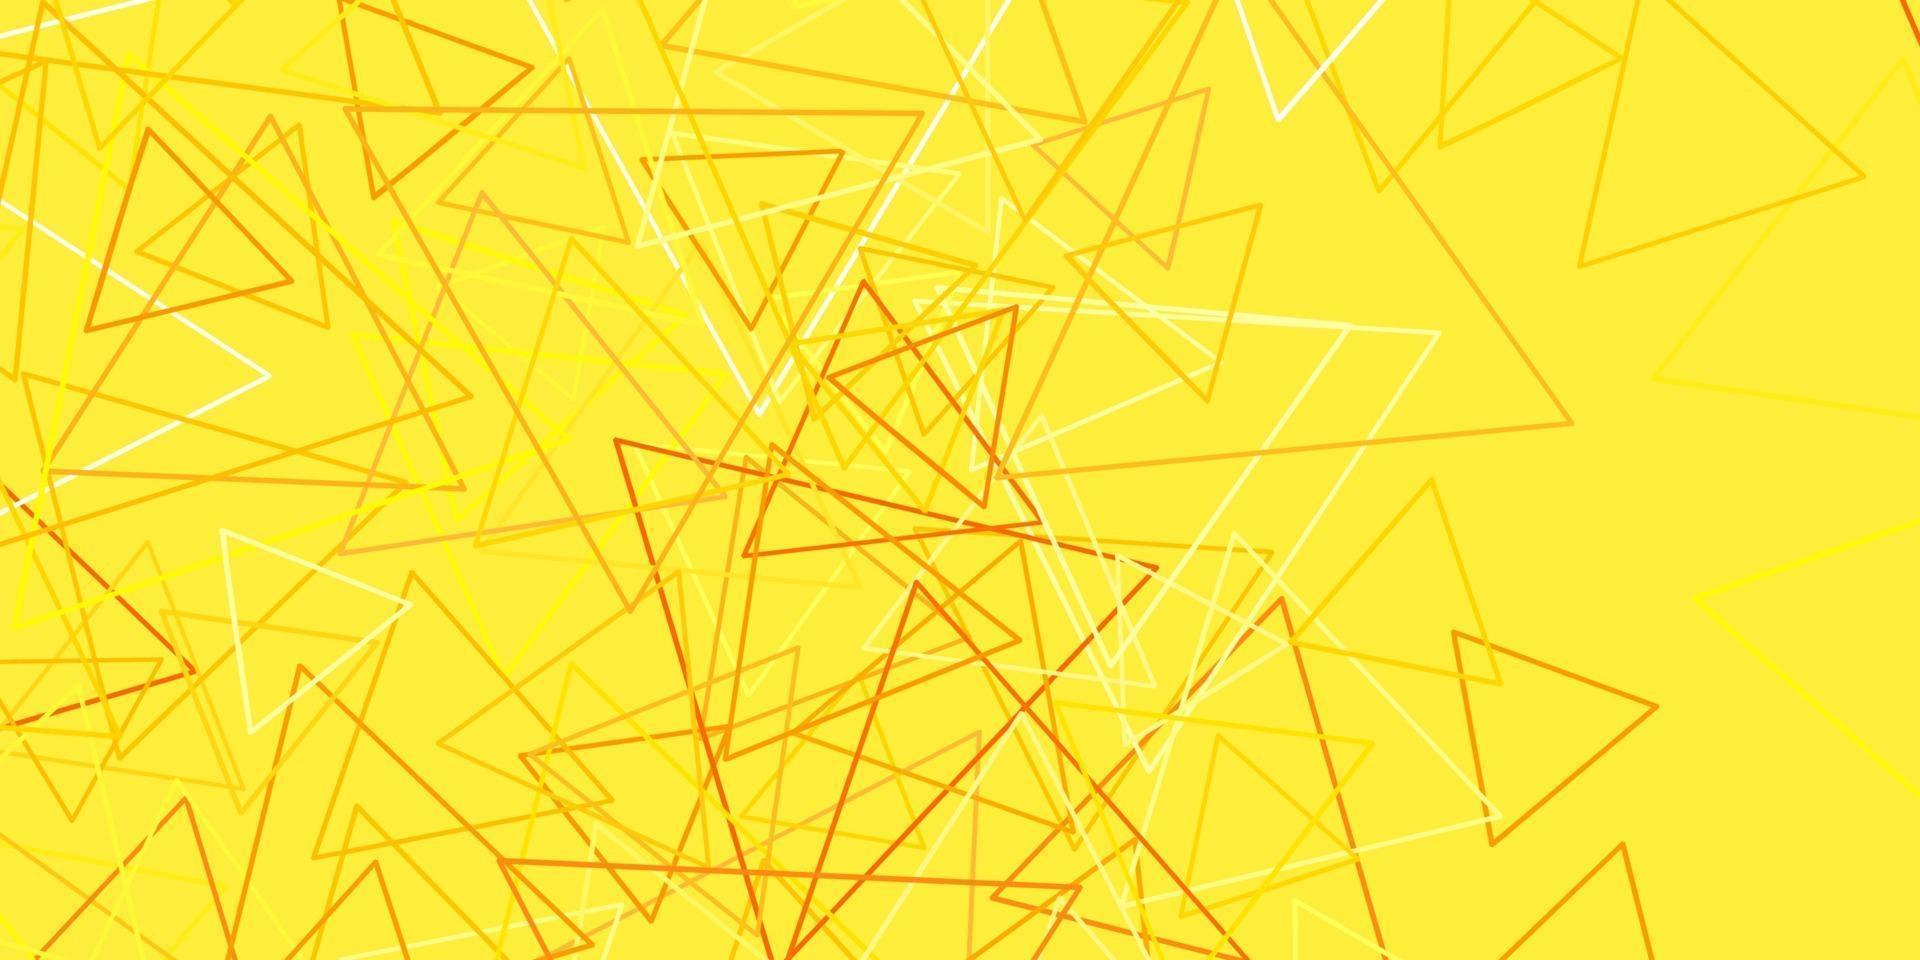 sfondo vettoriale rosa chiaro, giallo con triangoli.